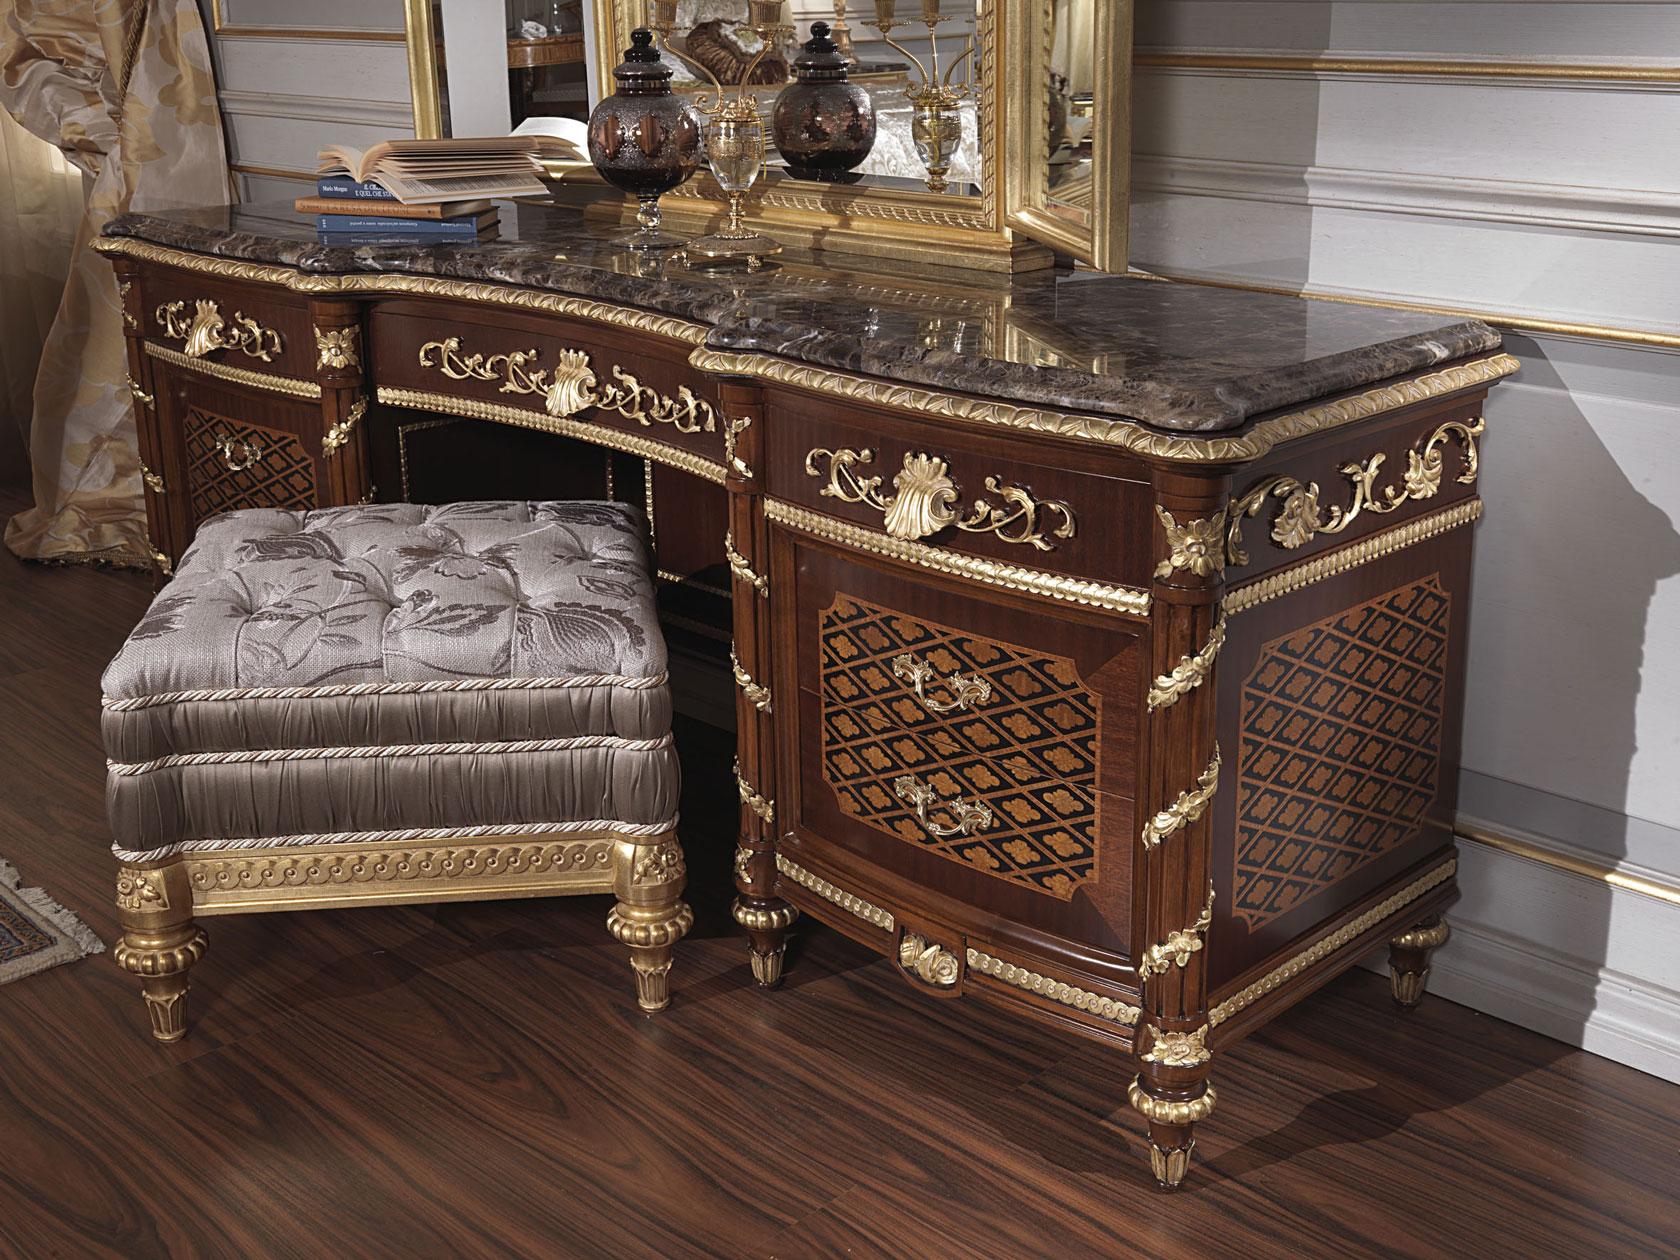 camera da letto classica 700 italiano e toilette luigi xv vimercati meda. Black Bedroom Furniture Sets. Home Design Ideas